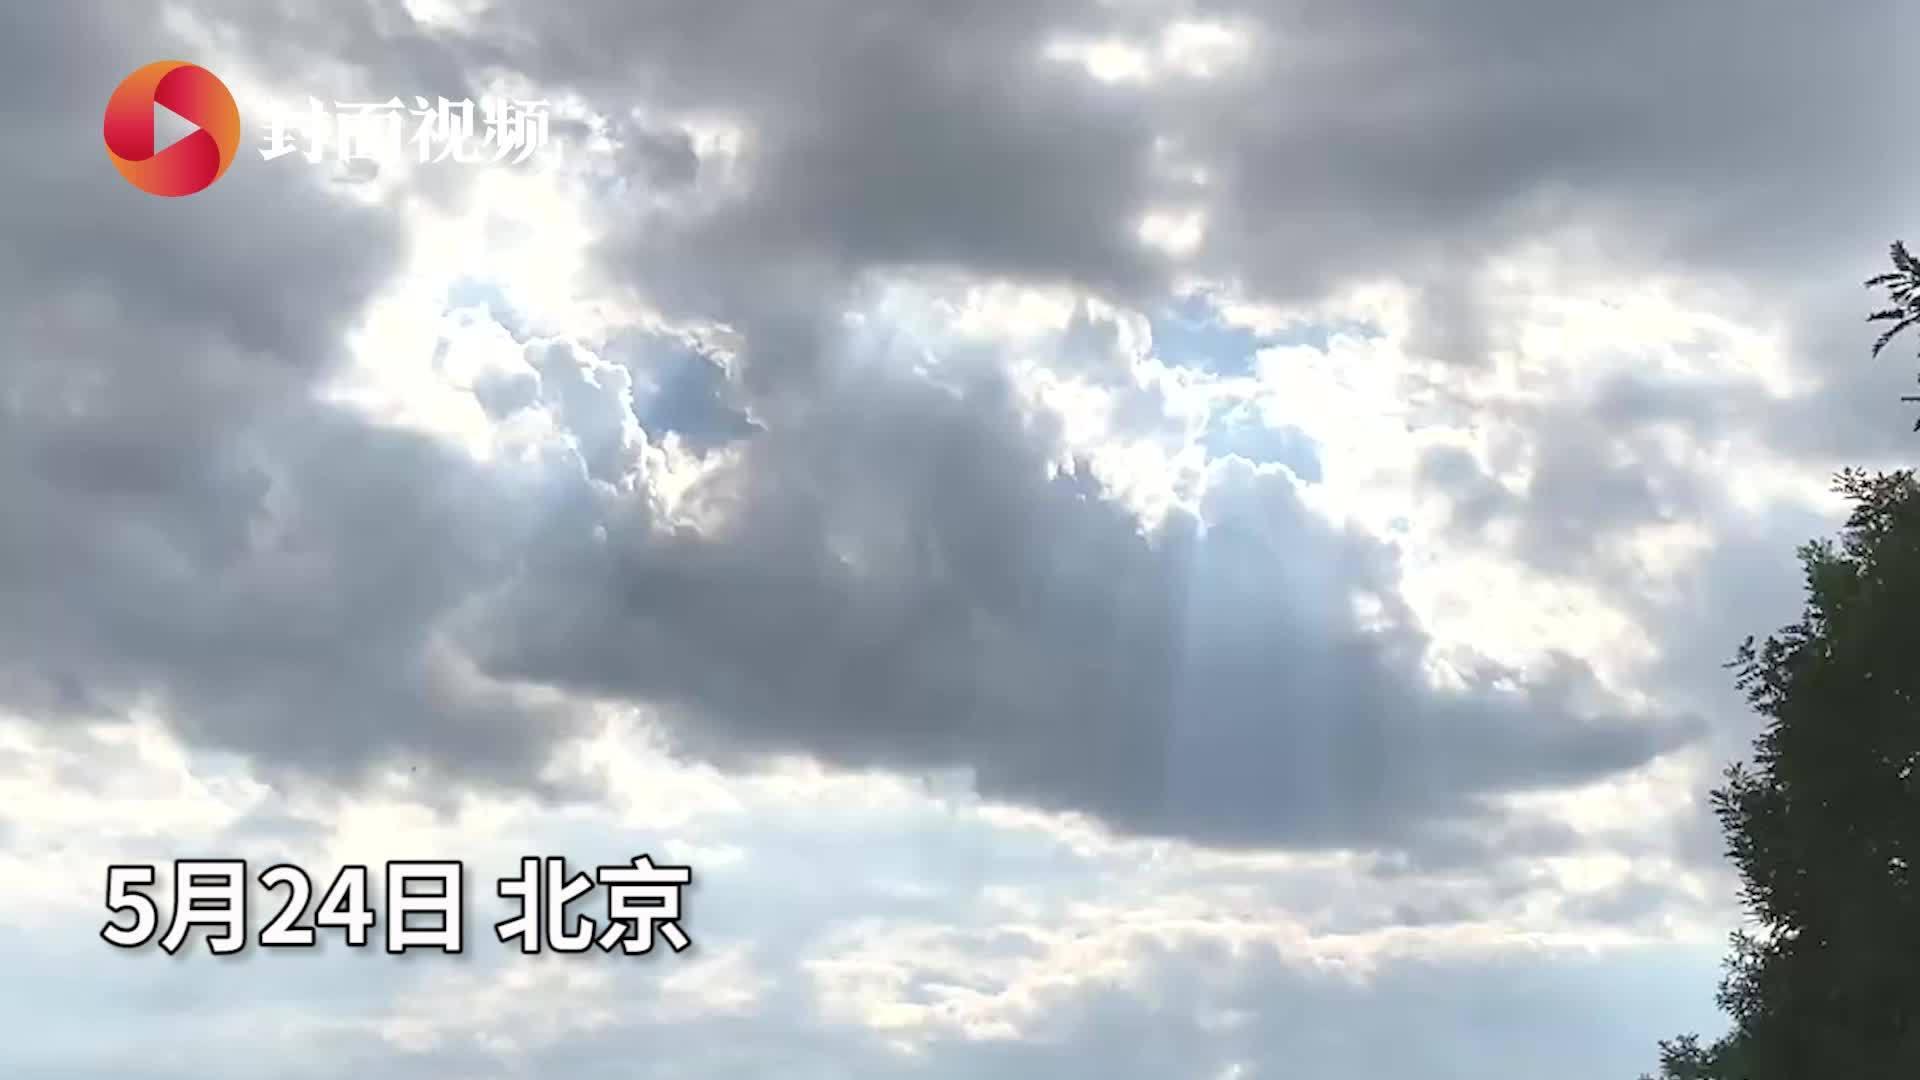 故宫角楼上空现云隙光 万道光芒照耀地面 系丁达尔效应